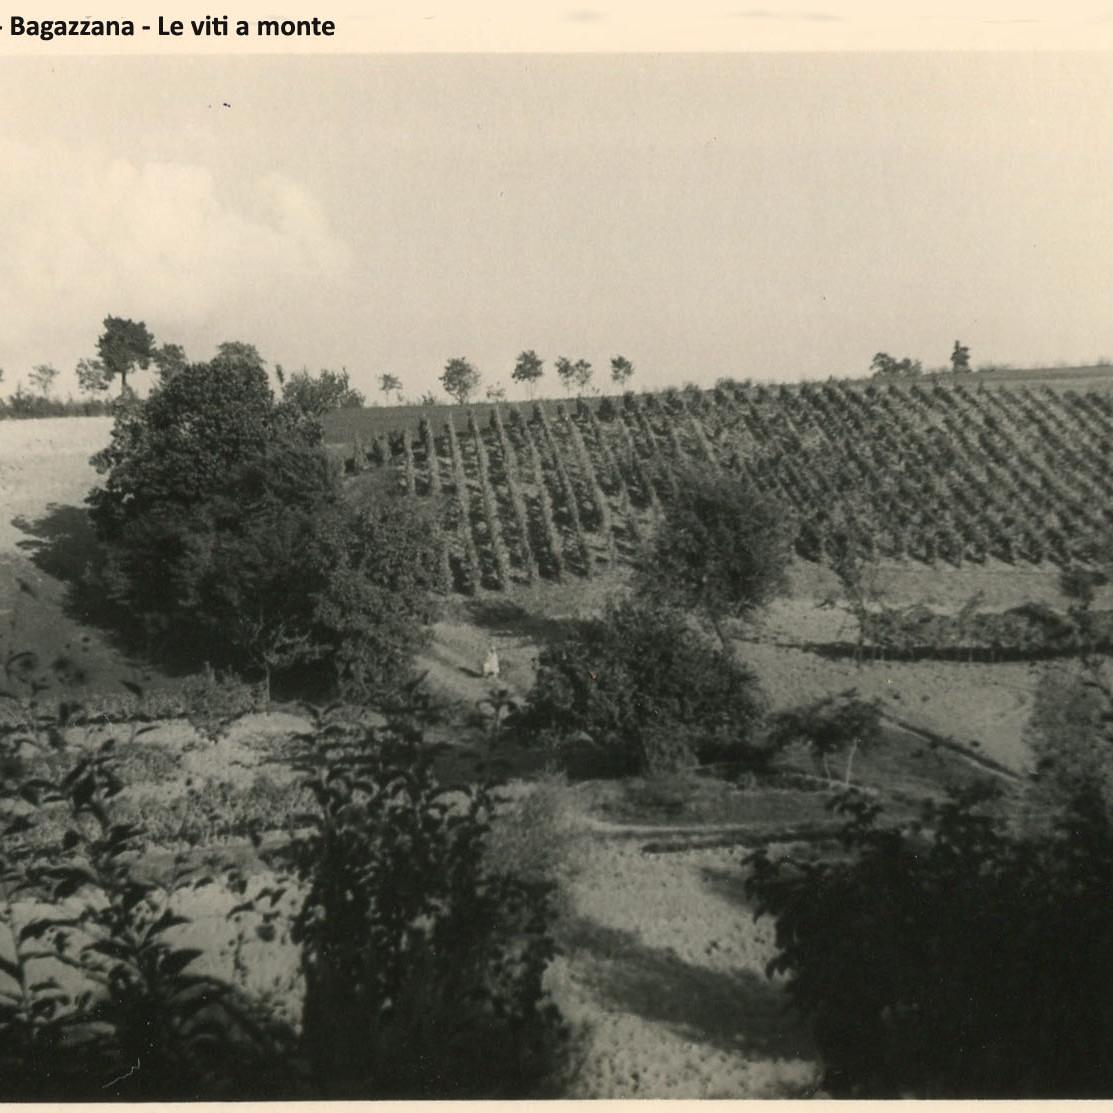 Le viti di Bagazzana nel 1958